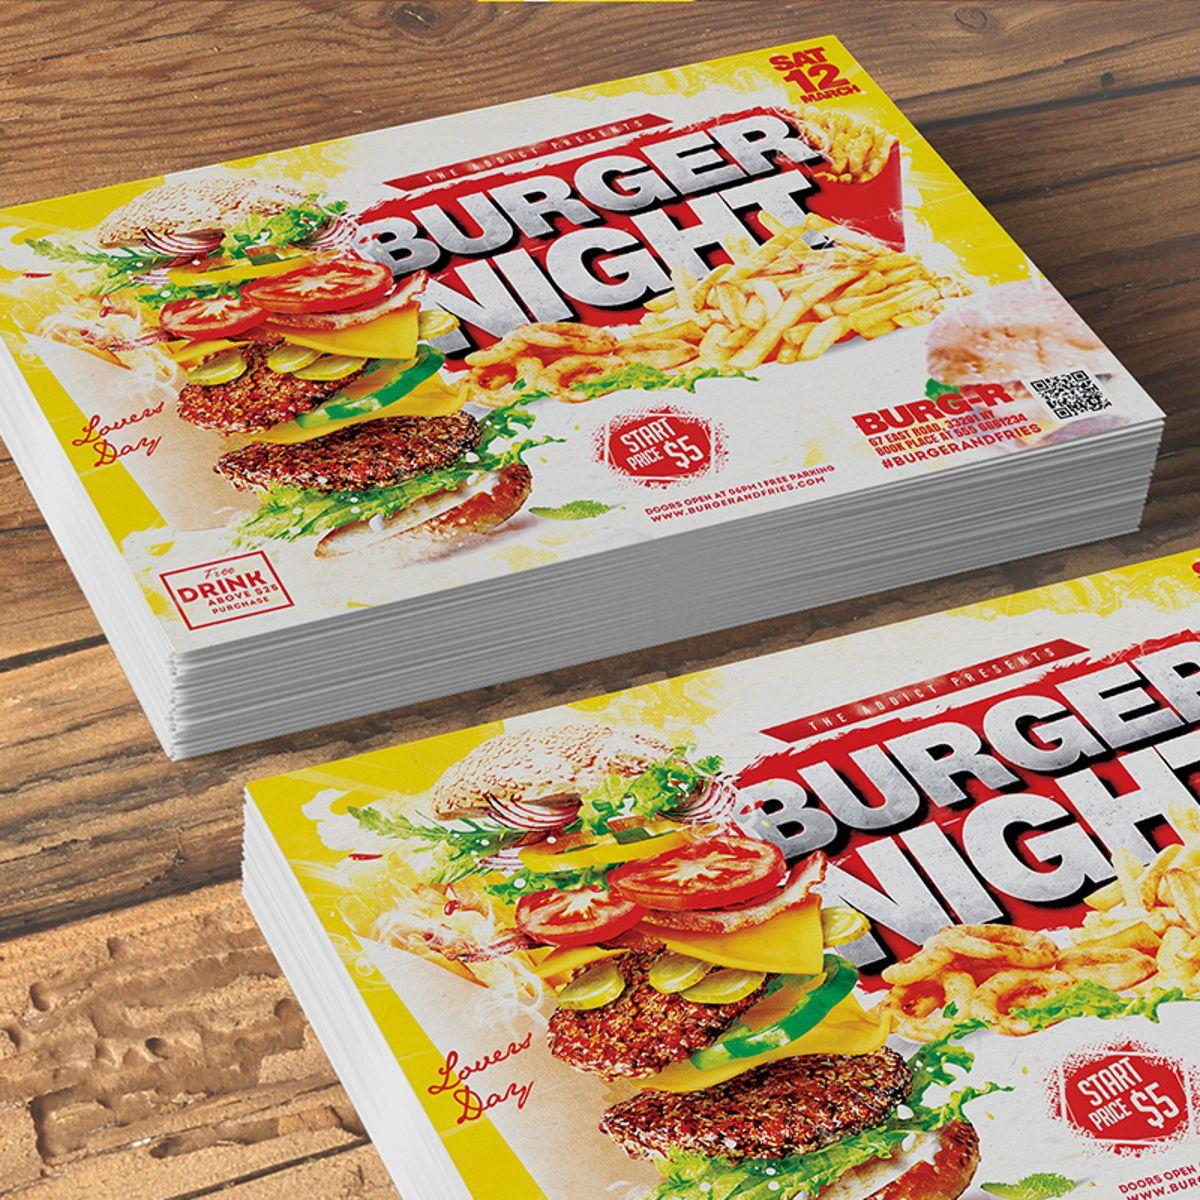 Burger Flyer Template, Slide 2, 08515, Food & Beverage — PoweredTemplate.com